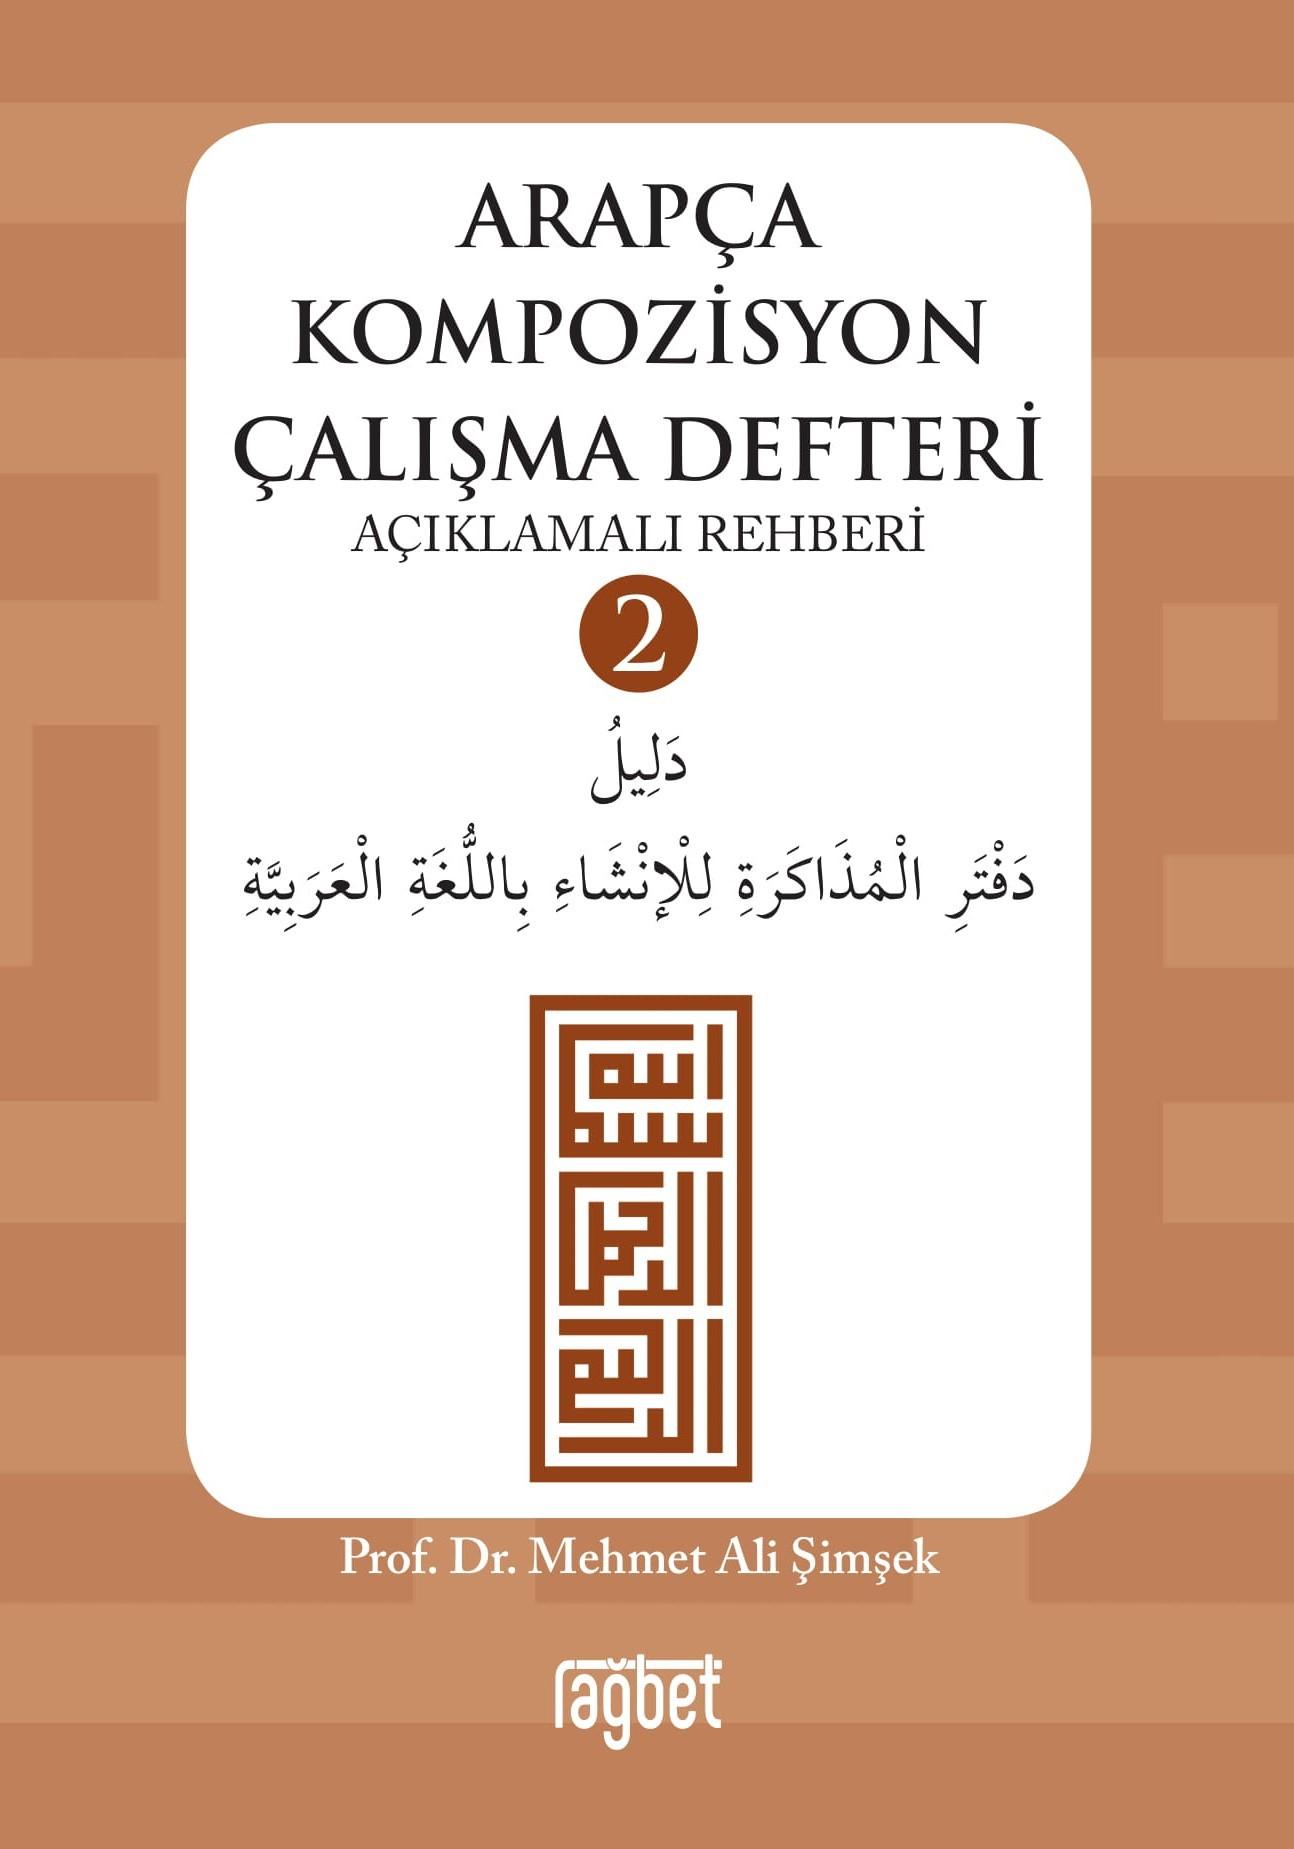 Arapça Kompozisyon Çalışma Defteri - 2